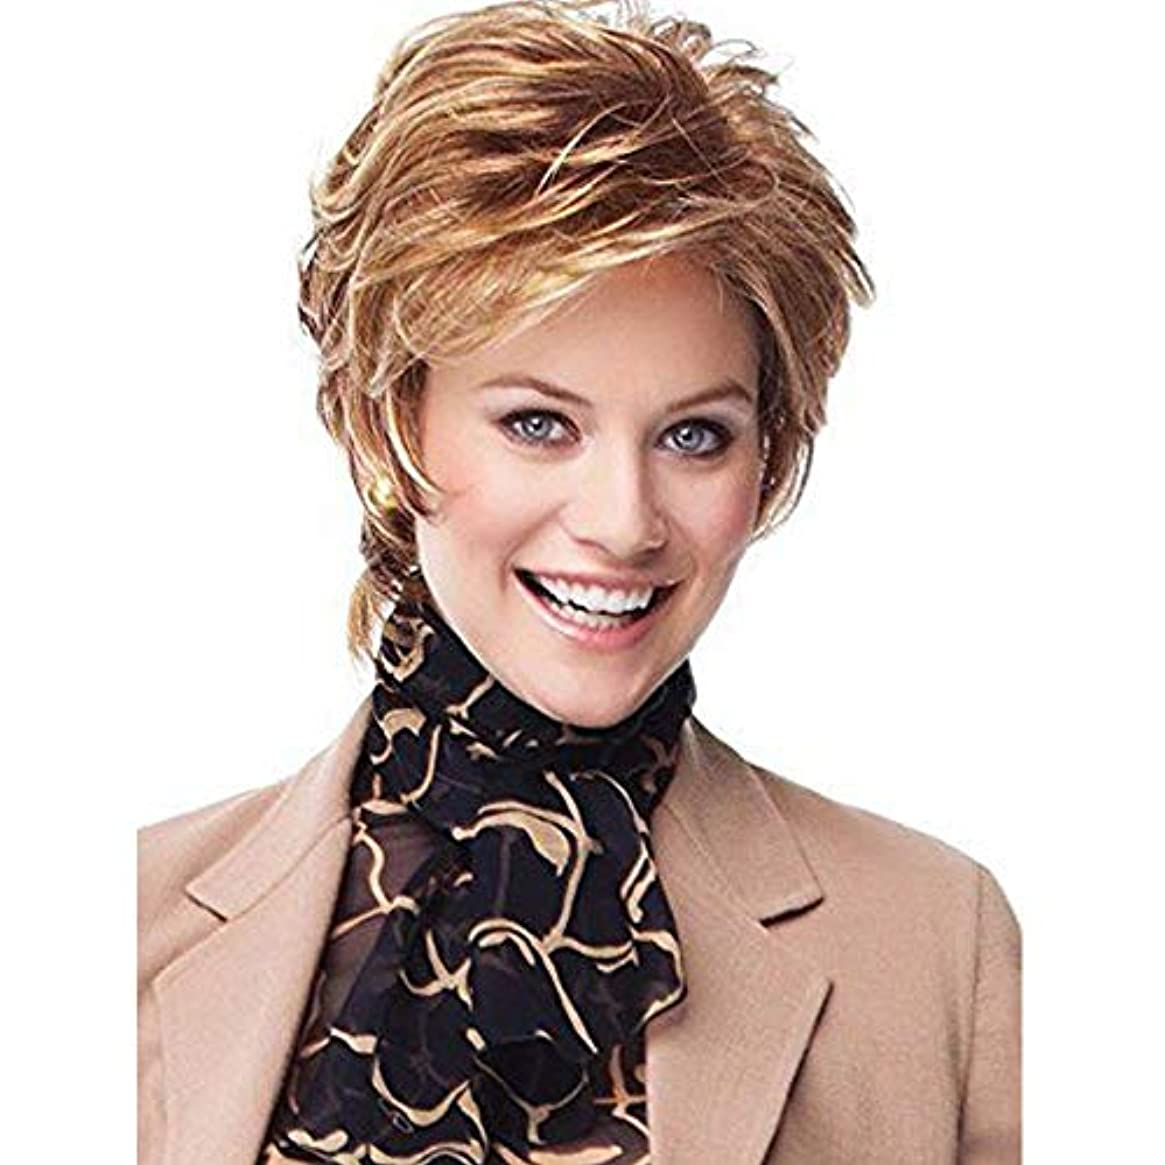 職人ご予約一般的に言えばYOUQIU 女性コスプレパーティー日常のかつら用キャップ付ショートカーリーウィッグ魅力的な女性ボブウィッグ (色 : Blonde)